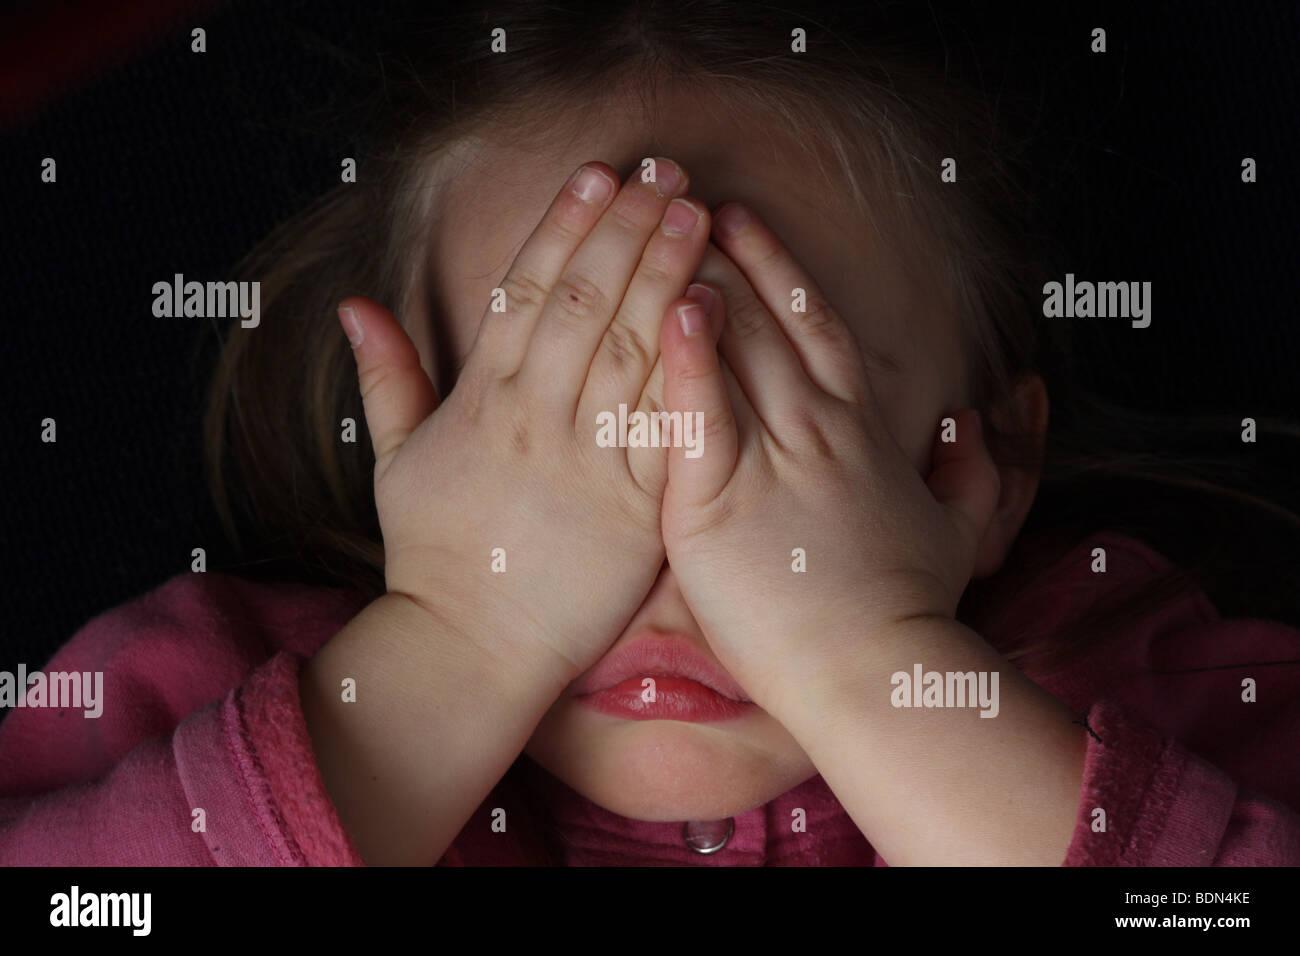 Kind hält sich die Augen zu Trauer,Schmerz Müdigkeit Depression kleines Mädchen Trotz Verweigerung - Stock Image